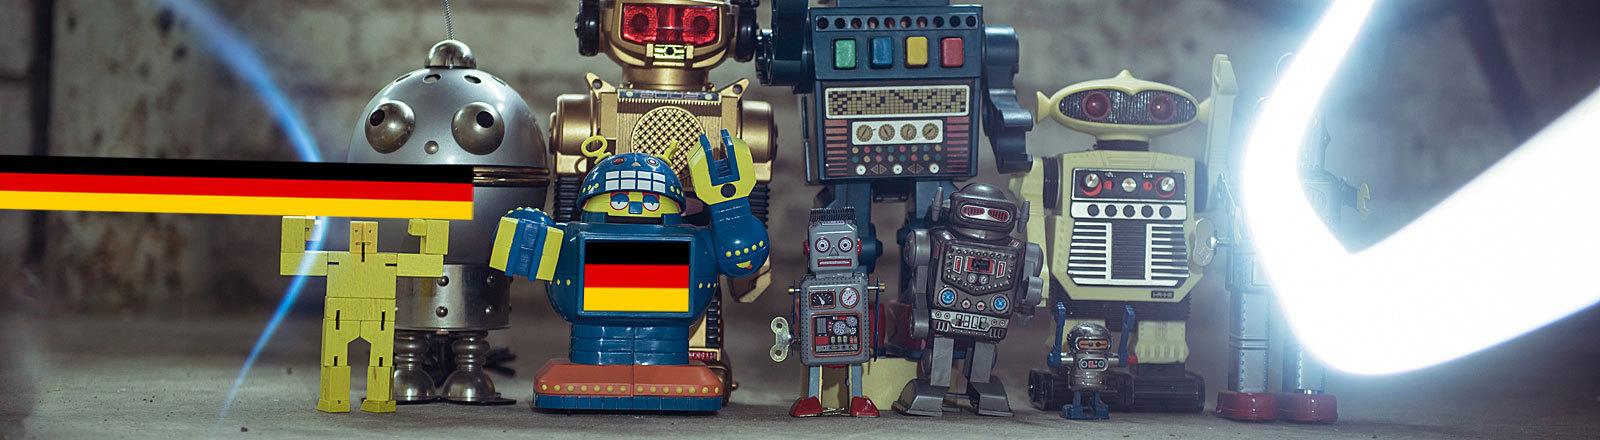 Spielzeug-Roboter, einer mit deutscher Fahne im Display